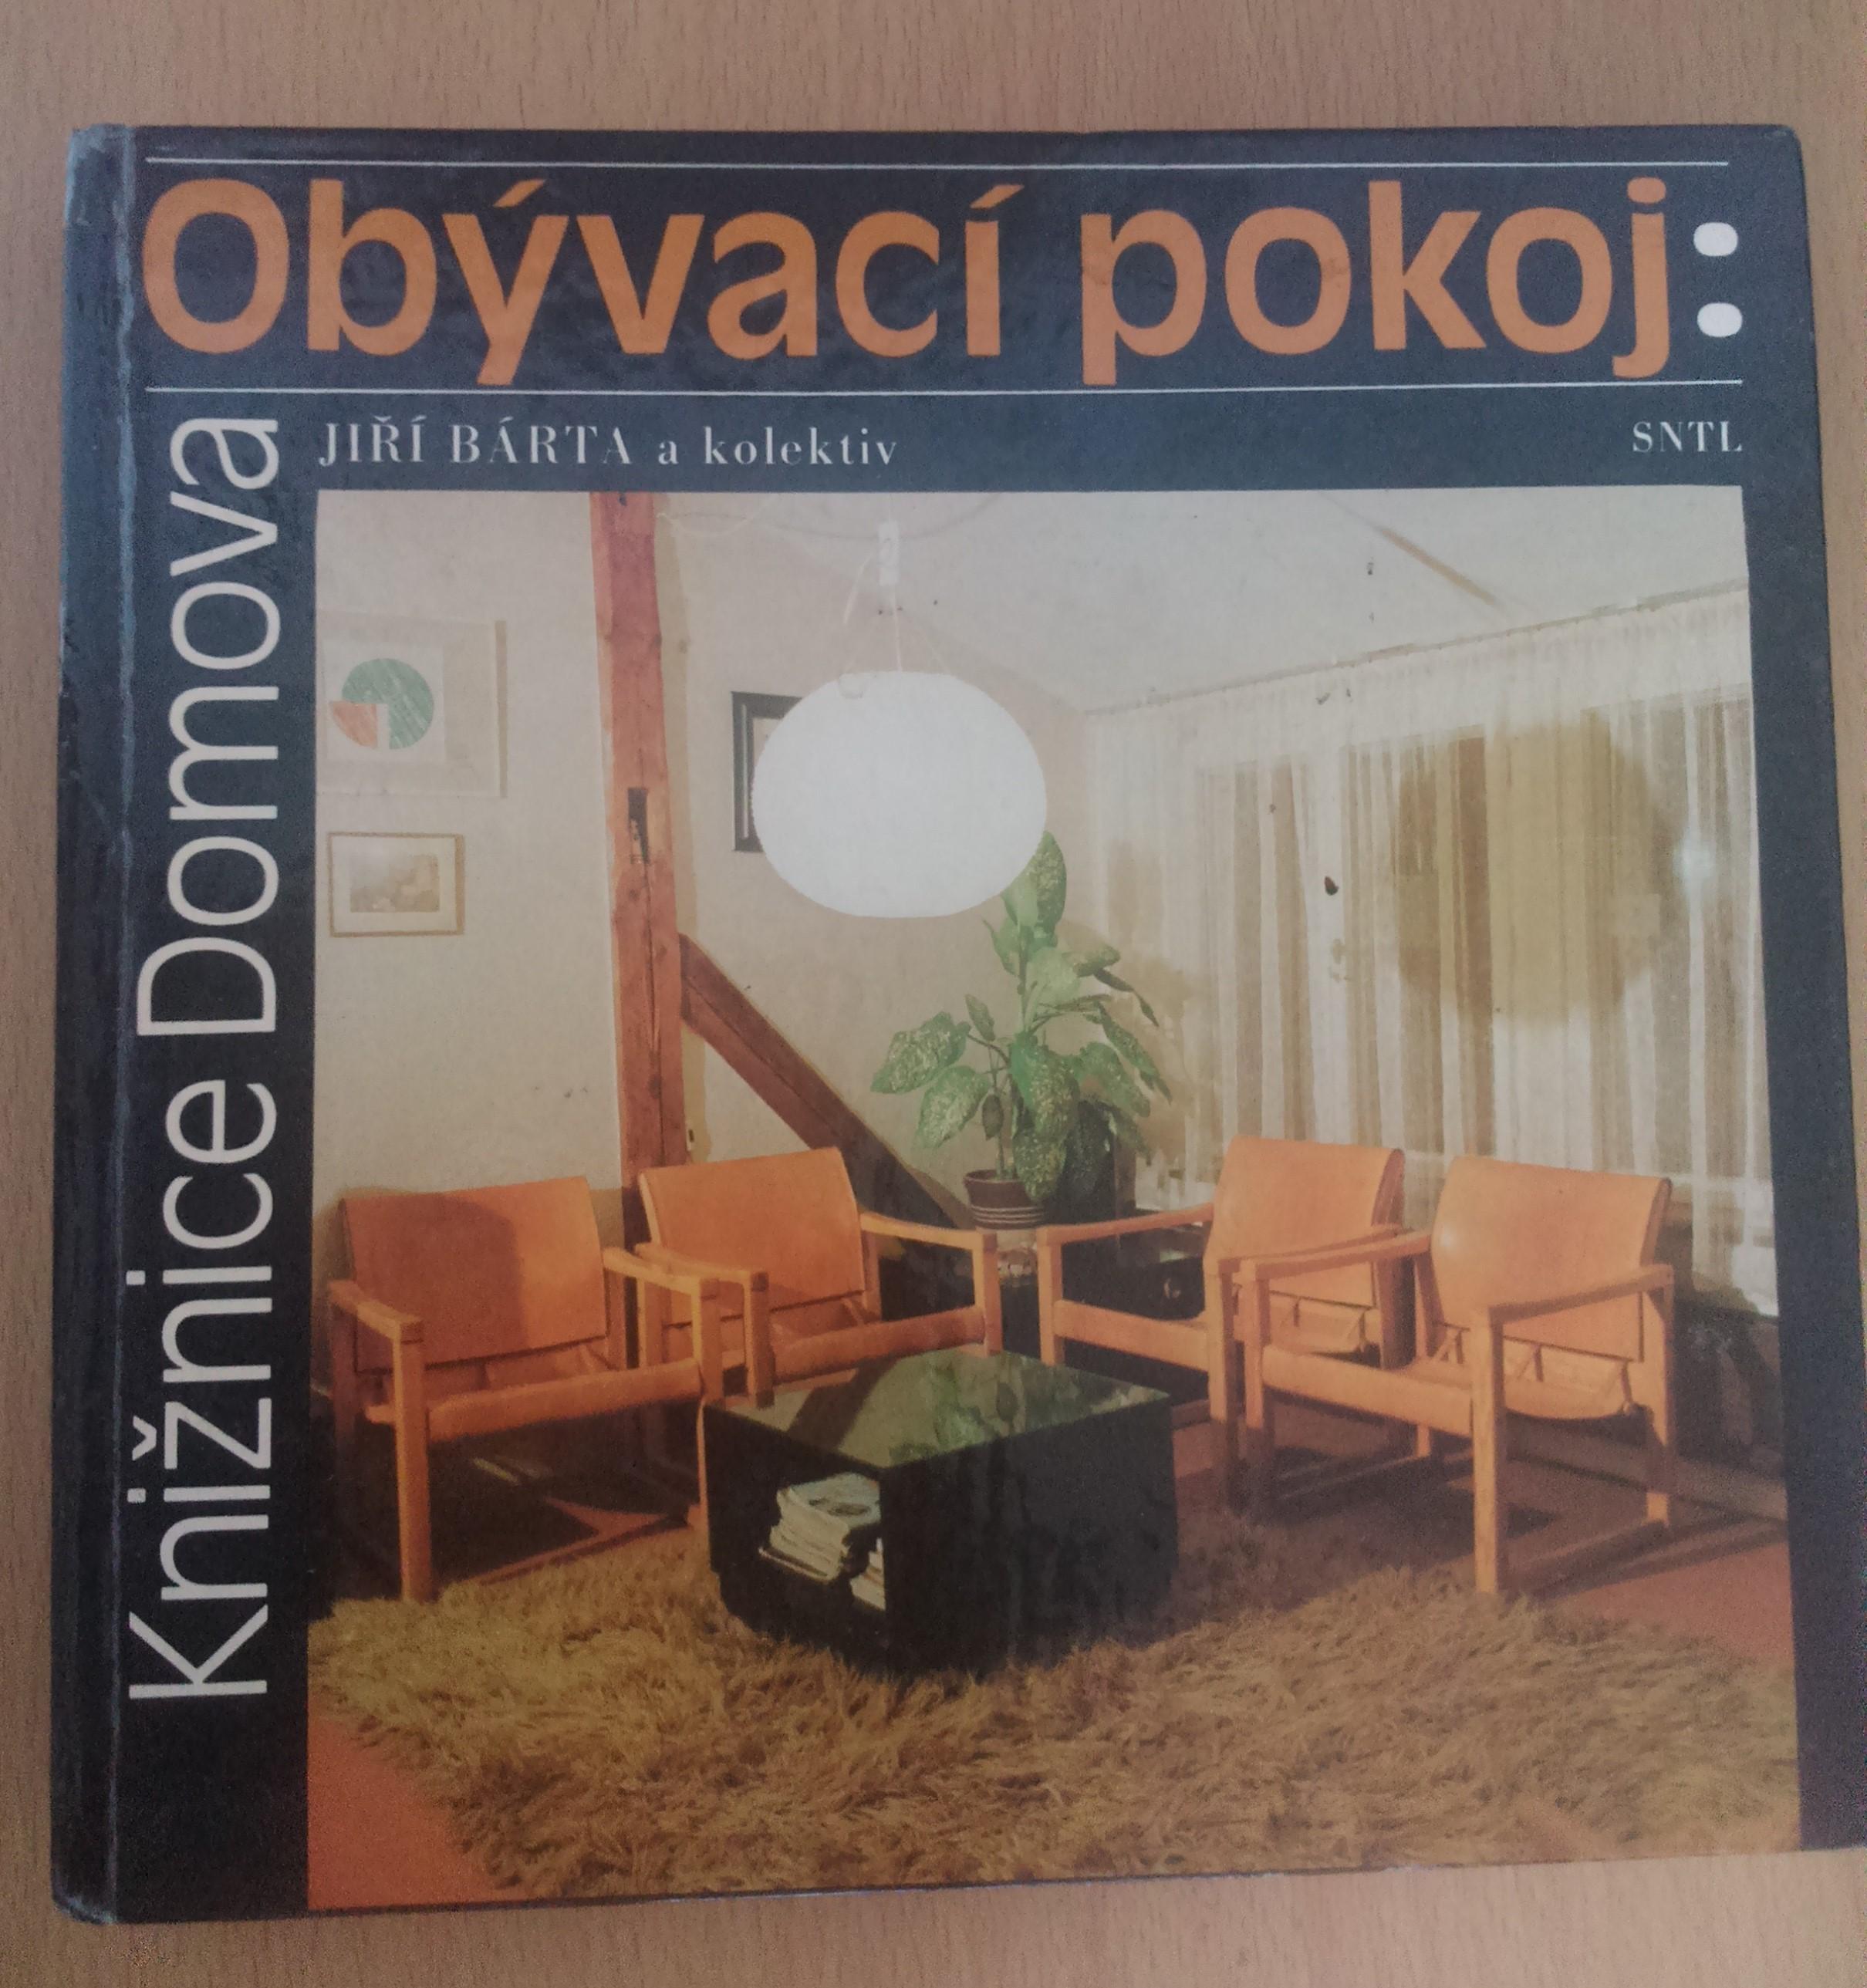 Obývací pokoj - Jiří Bárta